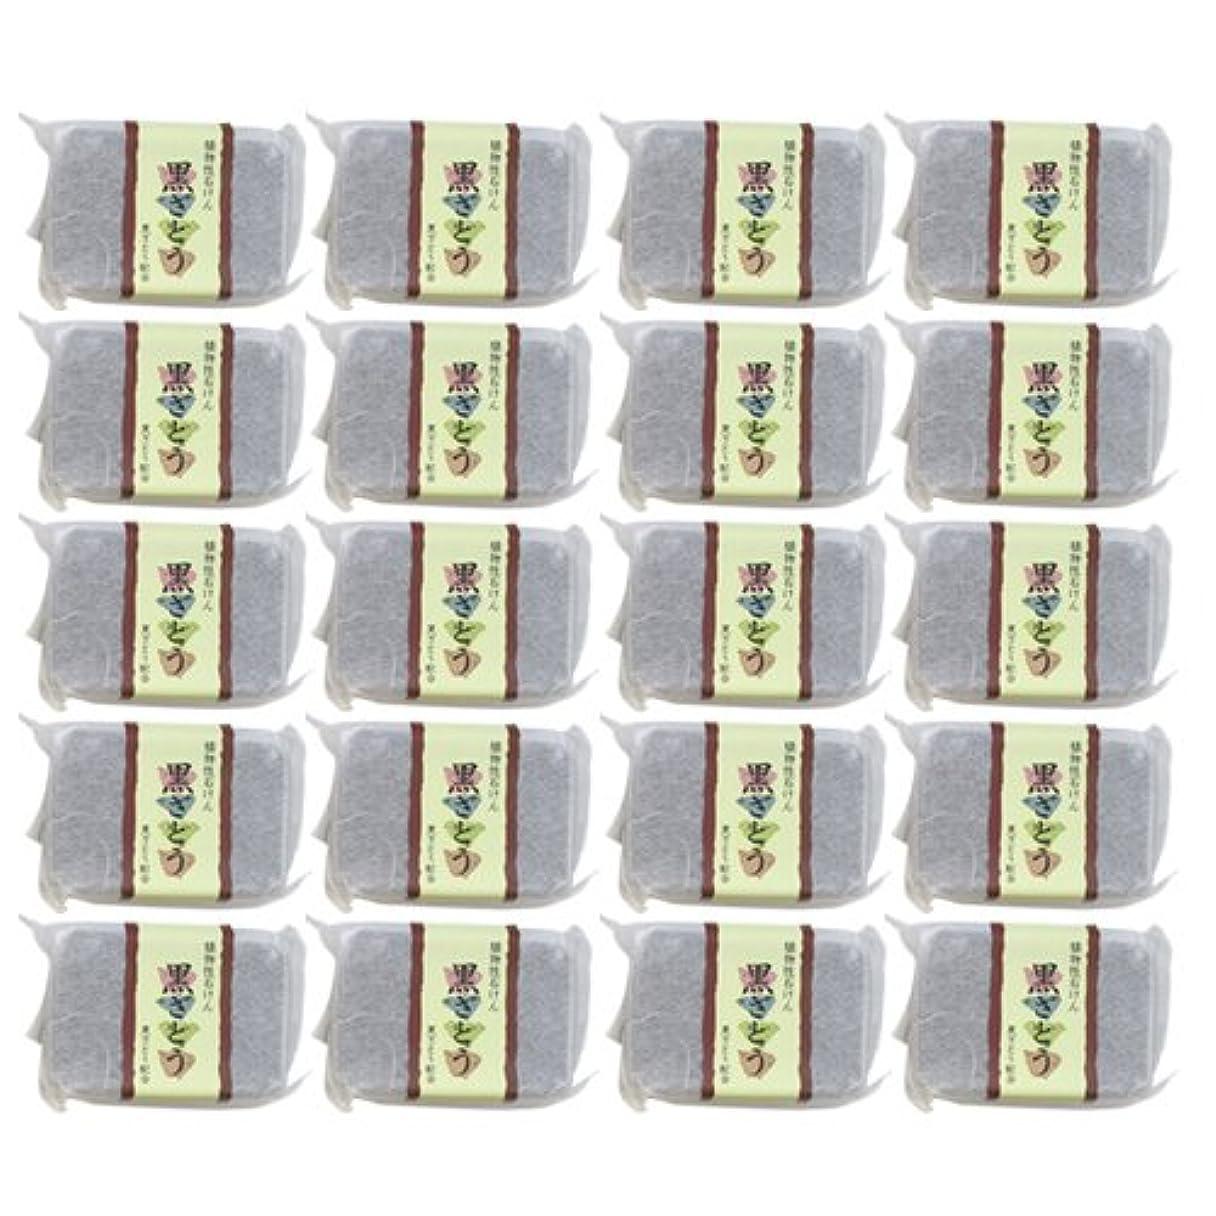 抗生物質スペース重要植物性ソープ 自然石けん 黒ざとう 80g×20個セット